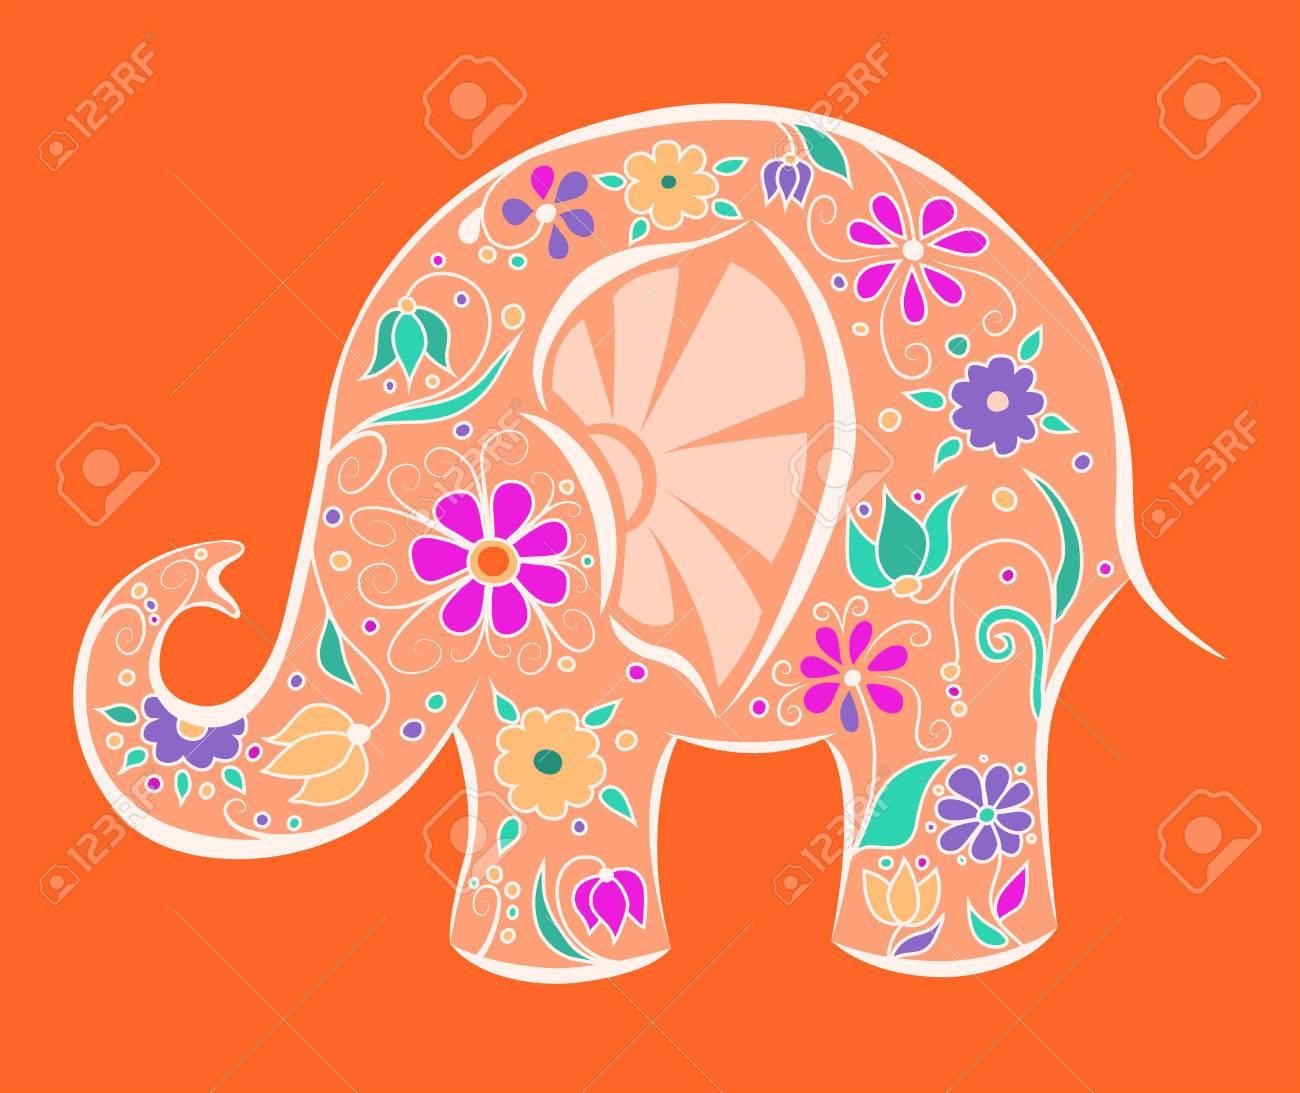 オレンジ色の花を象 漫画のベクトルのイラスト のイラスト素材 ベクタ Image